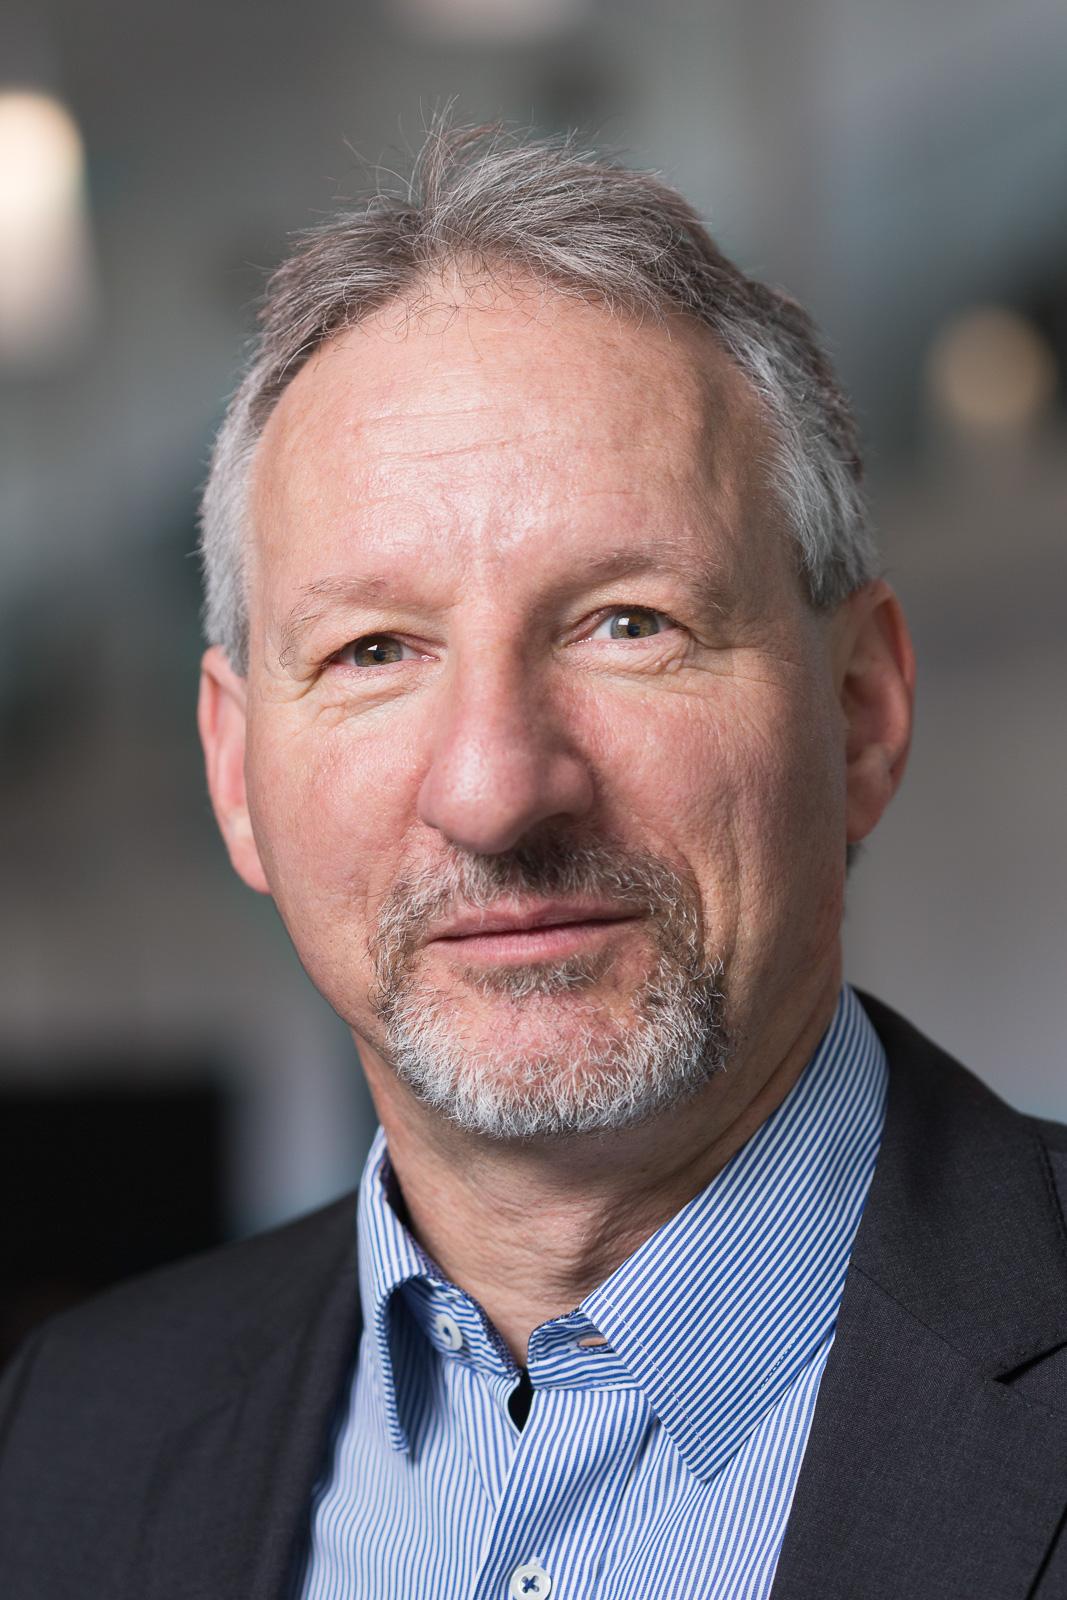 Peter Kesting